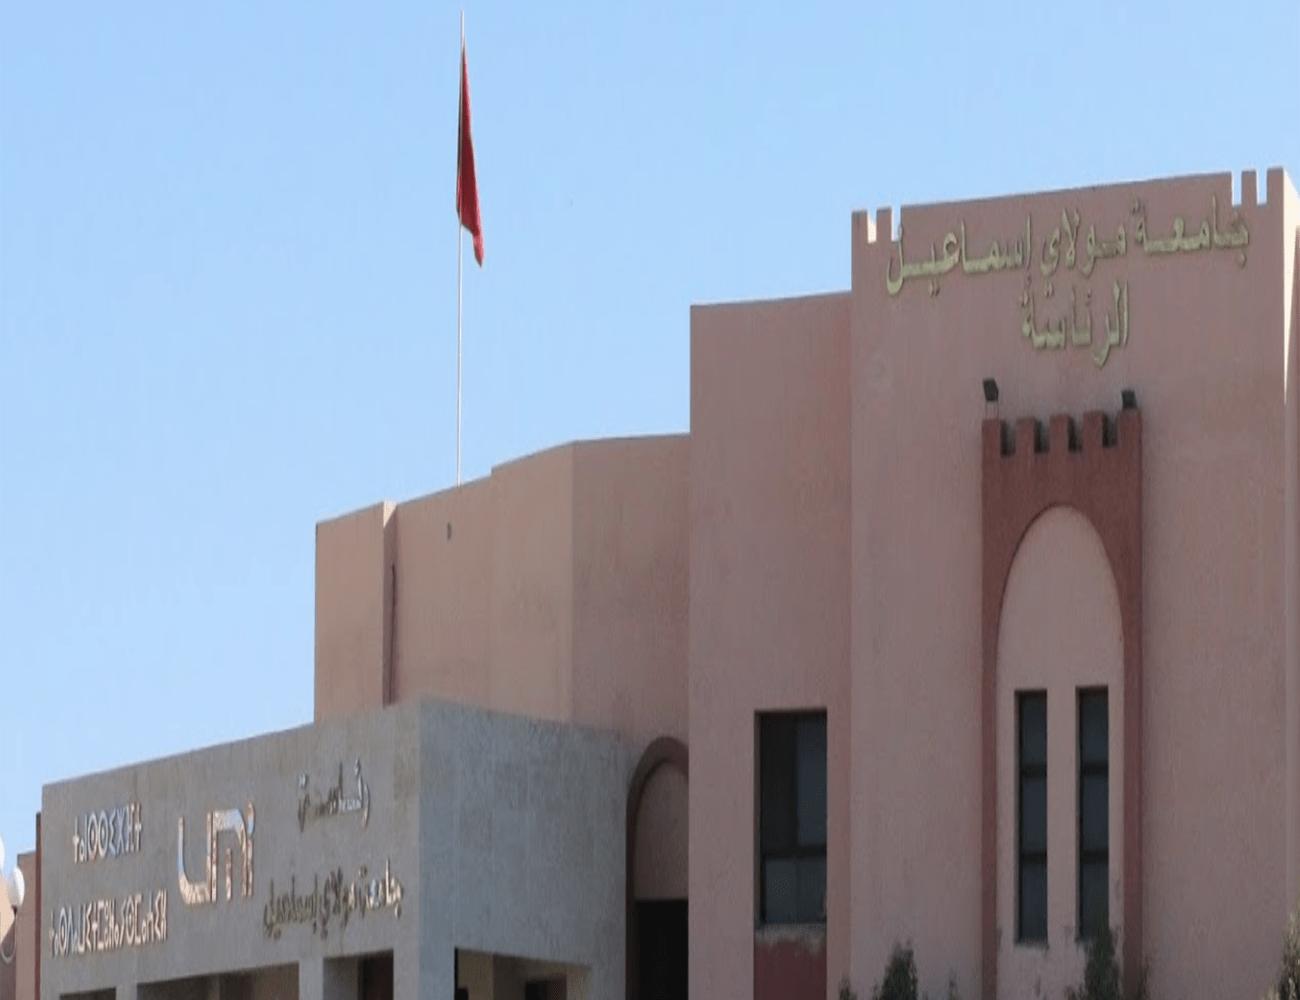 جامعة مولاي إسماعيل التنوع العلمي و أفق التحصيل العلمي بمكناس